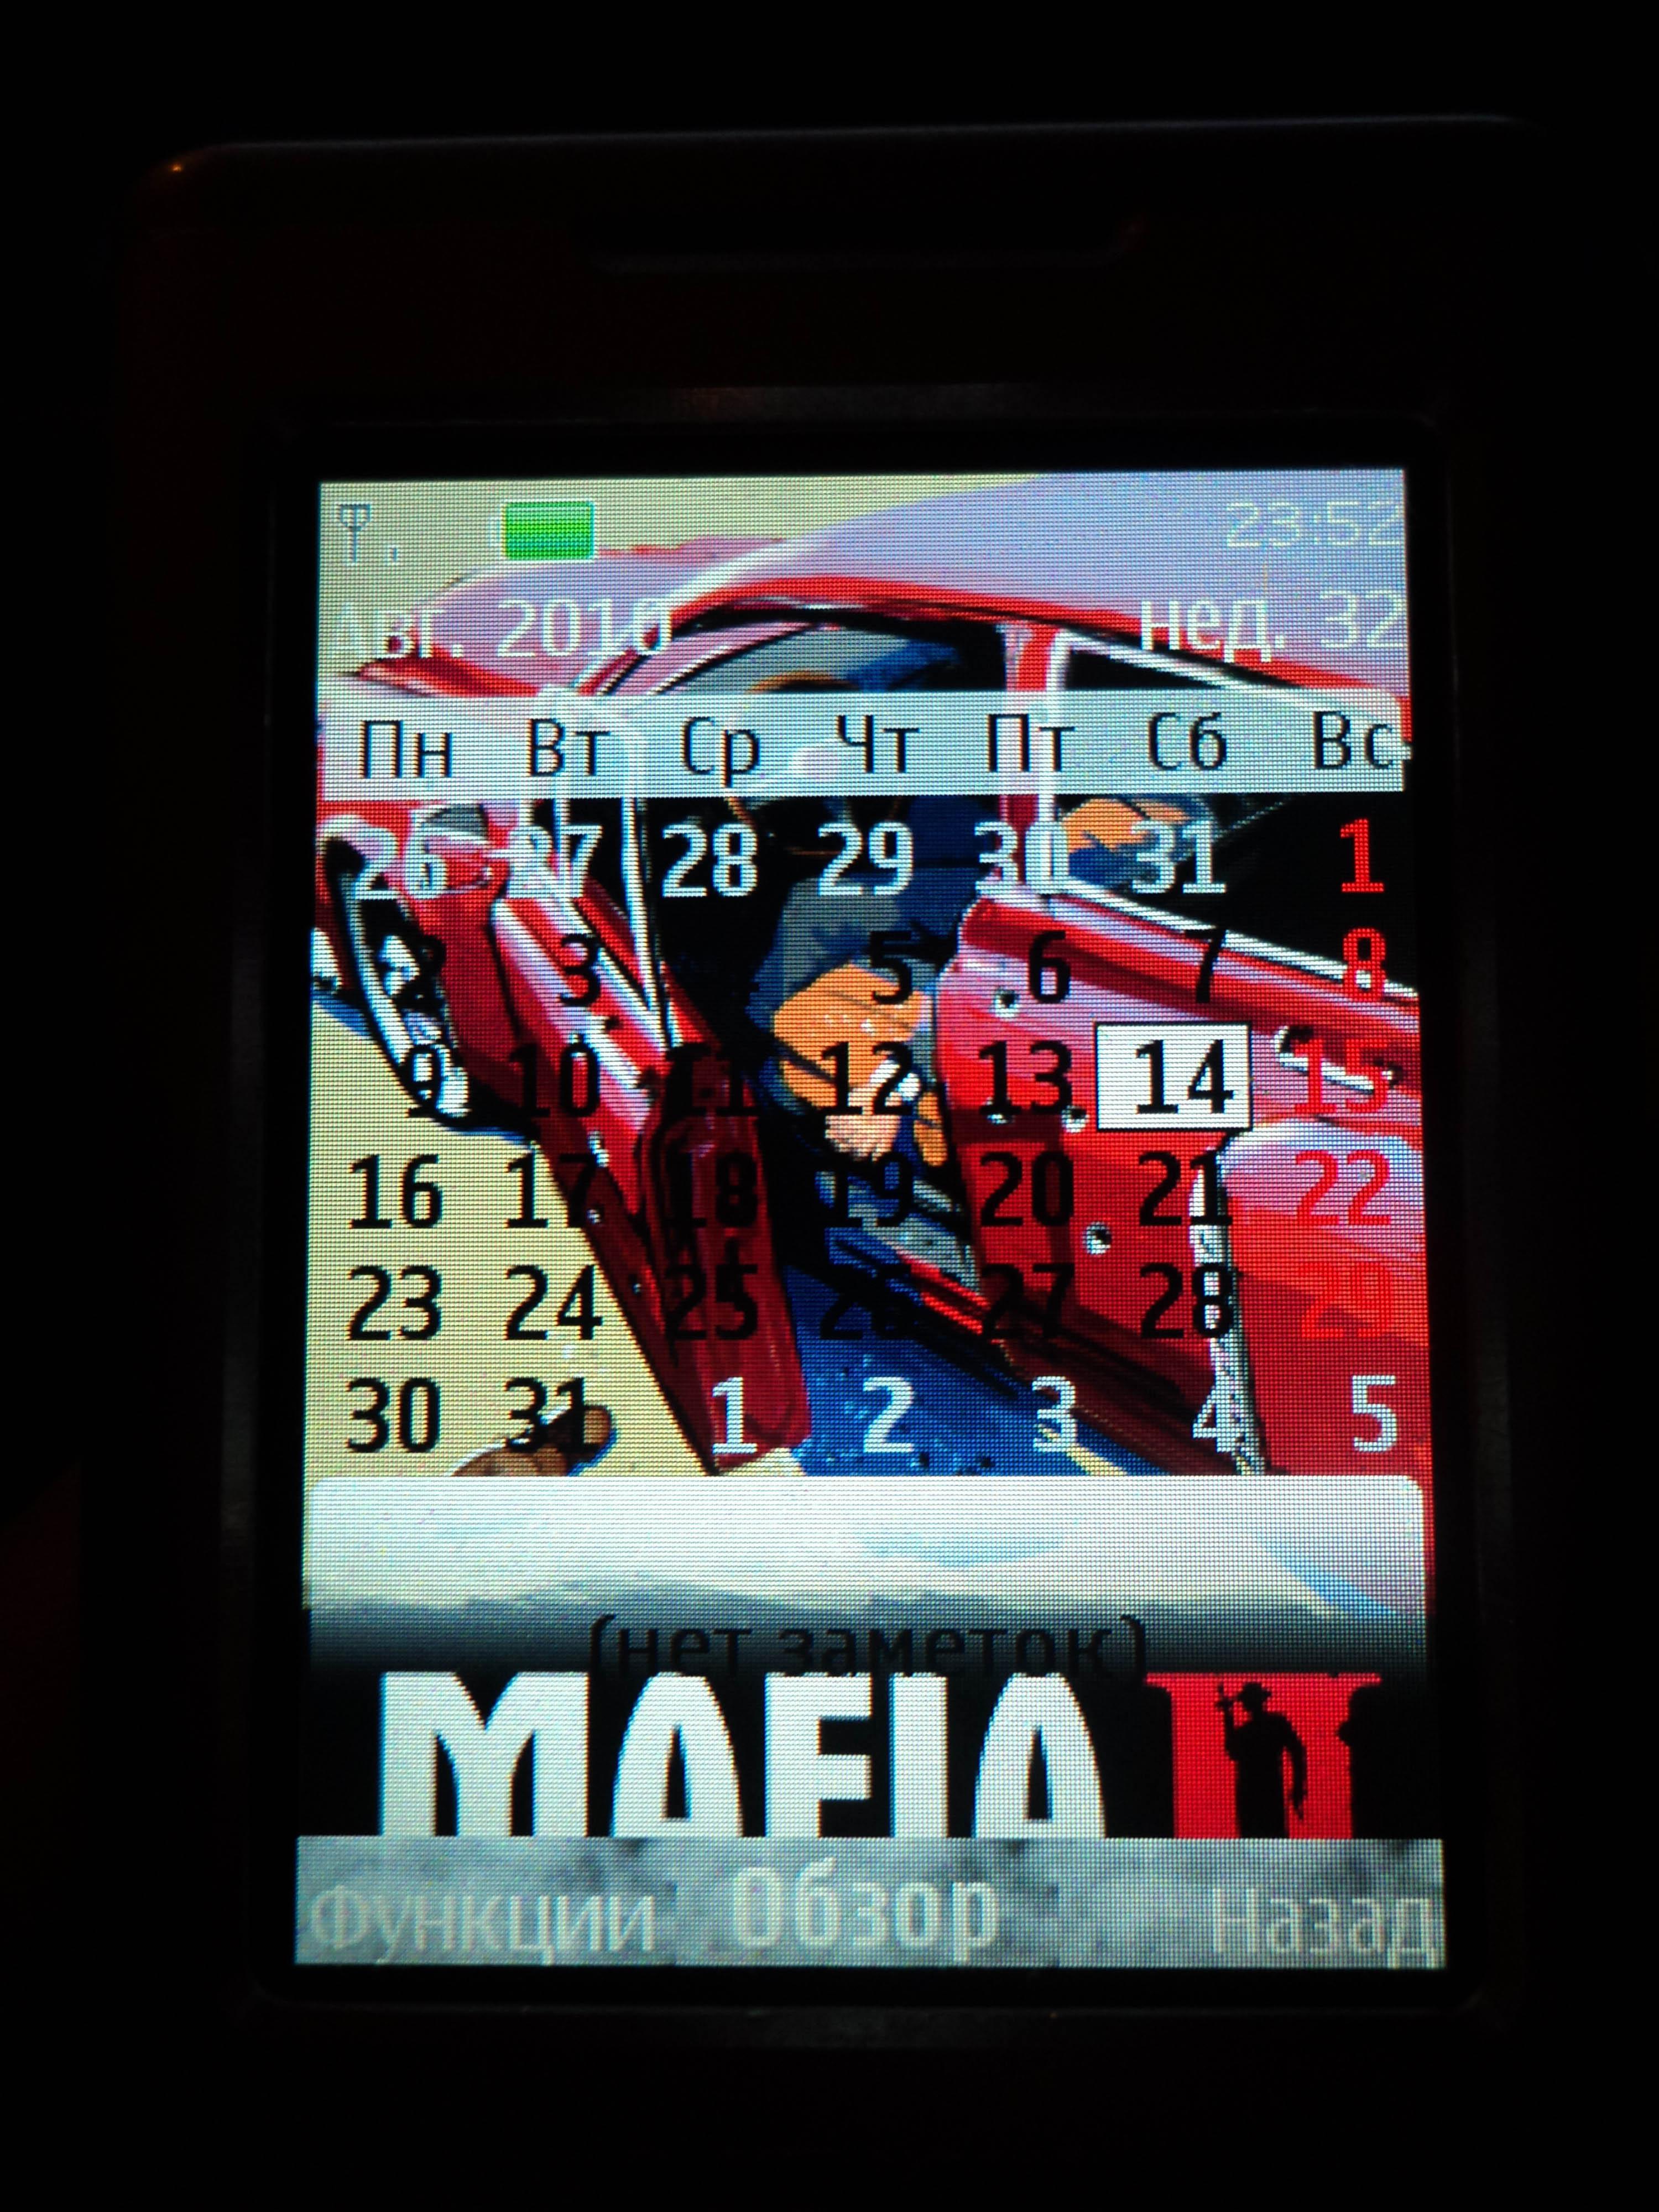 моя первая тема 3 - Mafia 2